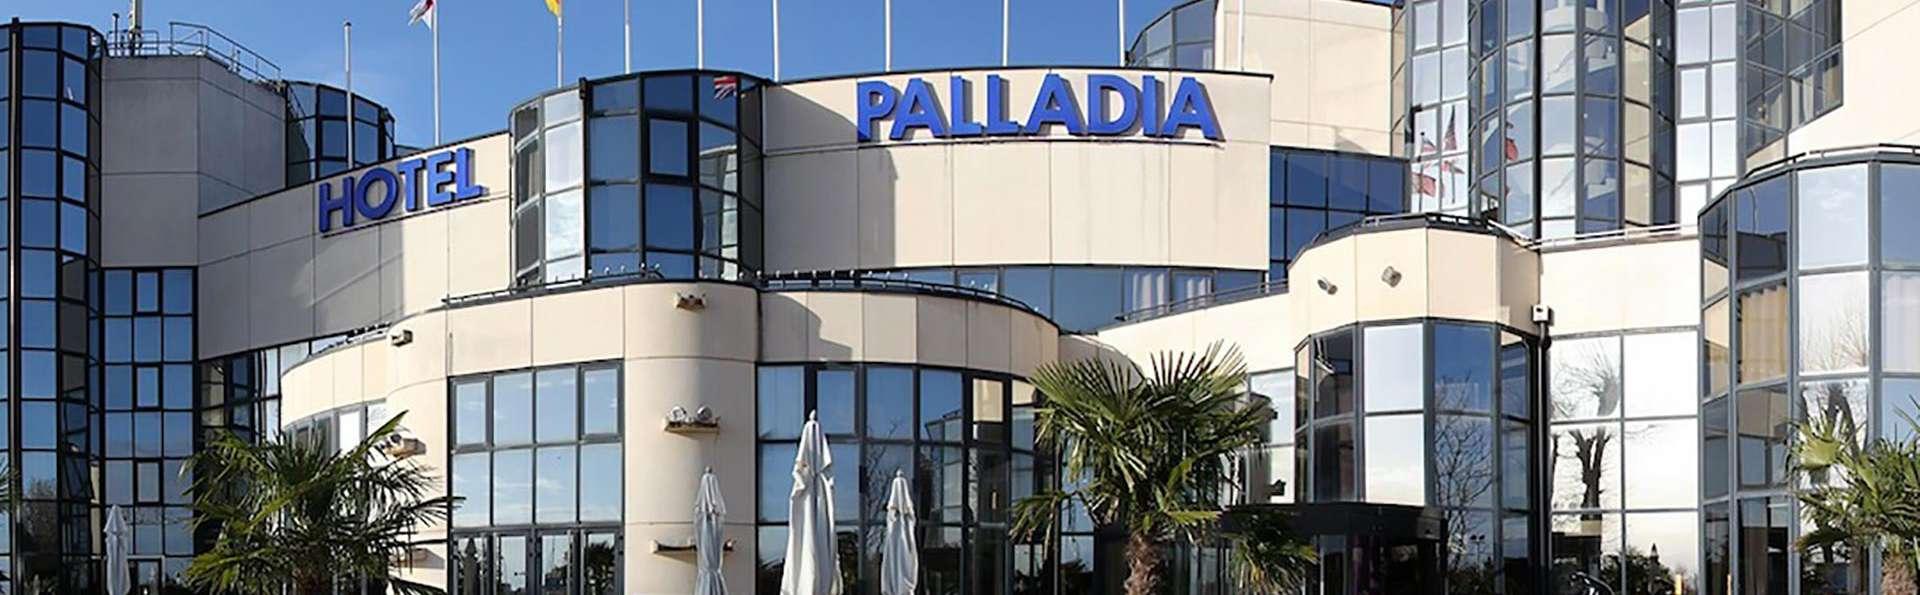 Hôtel Palladia - EDIT_front.jpg